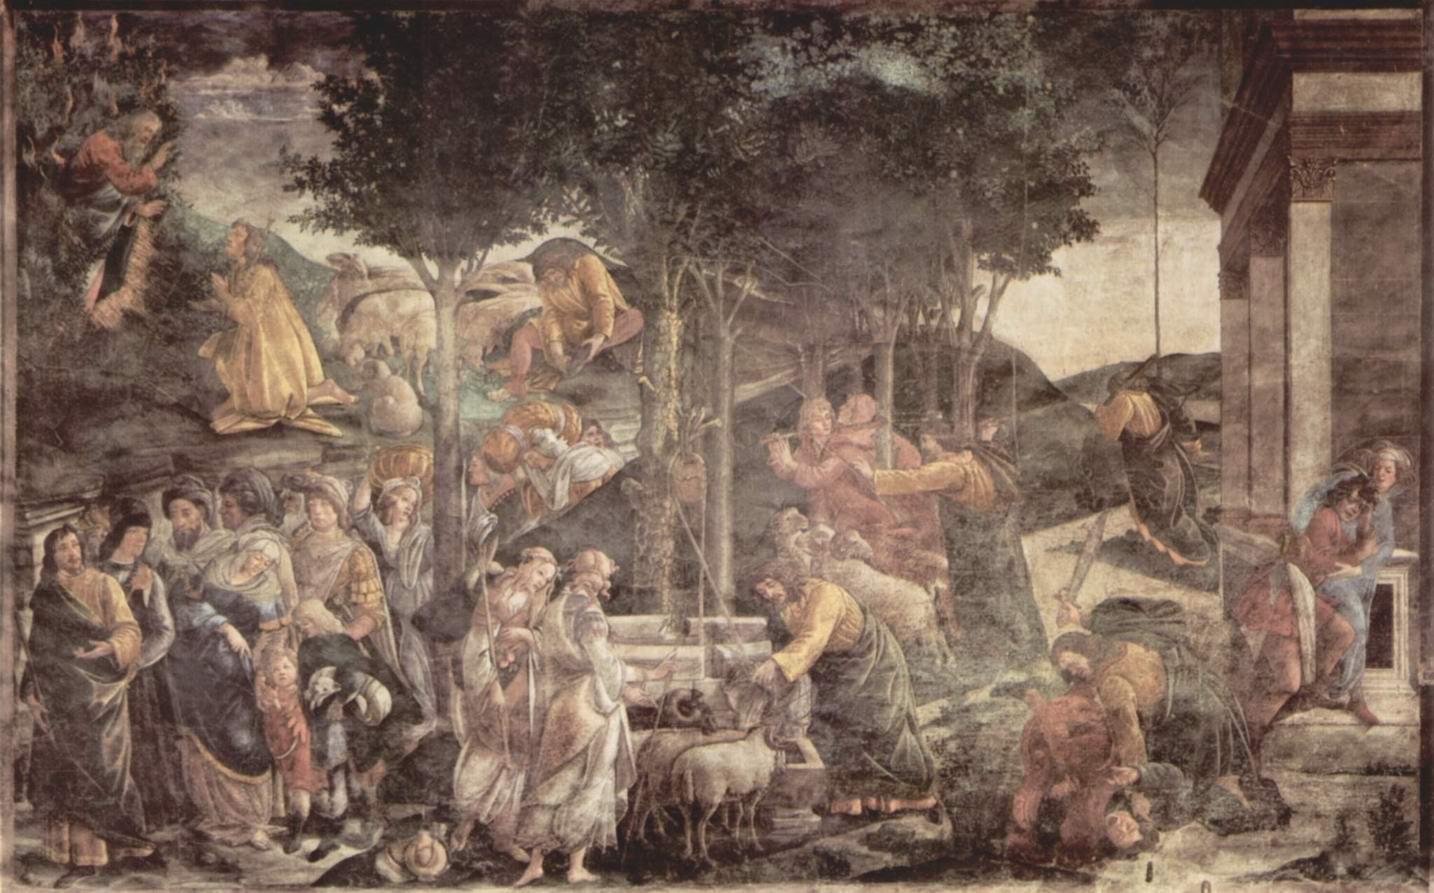 Фрески Сикстинской капеллы в Риме, Юность Моисея, Сандро Боттичелли